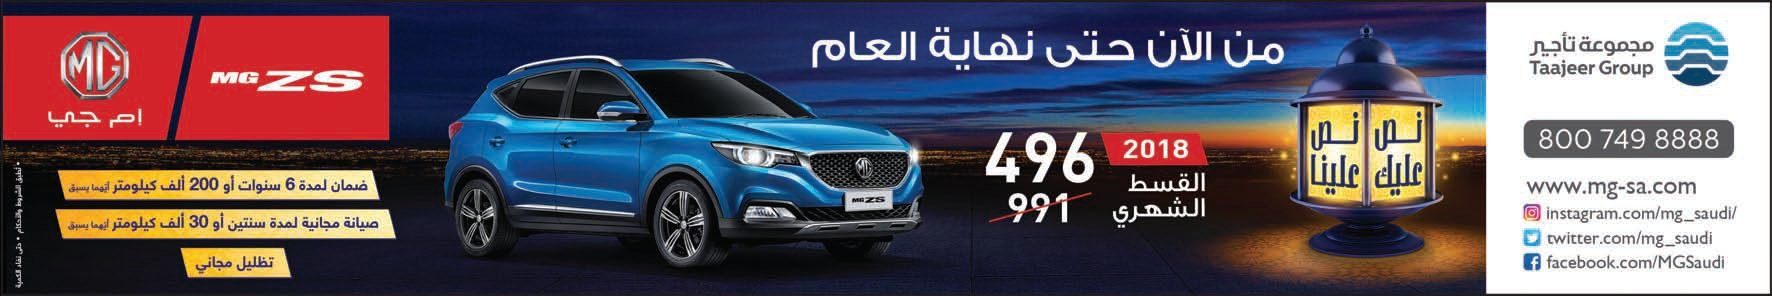 عروض السيارات في مجموعة تأجير على السيارة Mg الجديدة اقوى عروض رمضان 2018 عروض اليوم Car Vehicles Cars